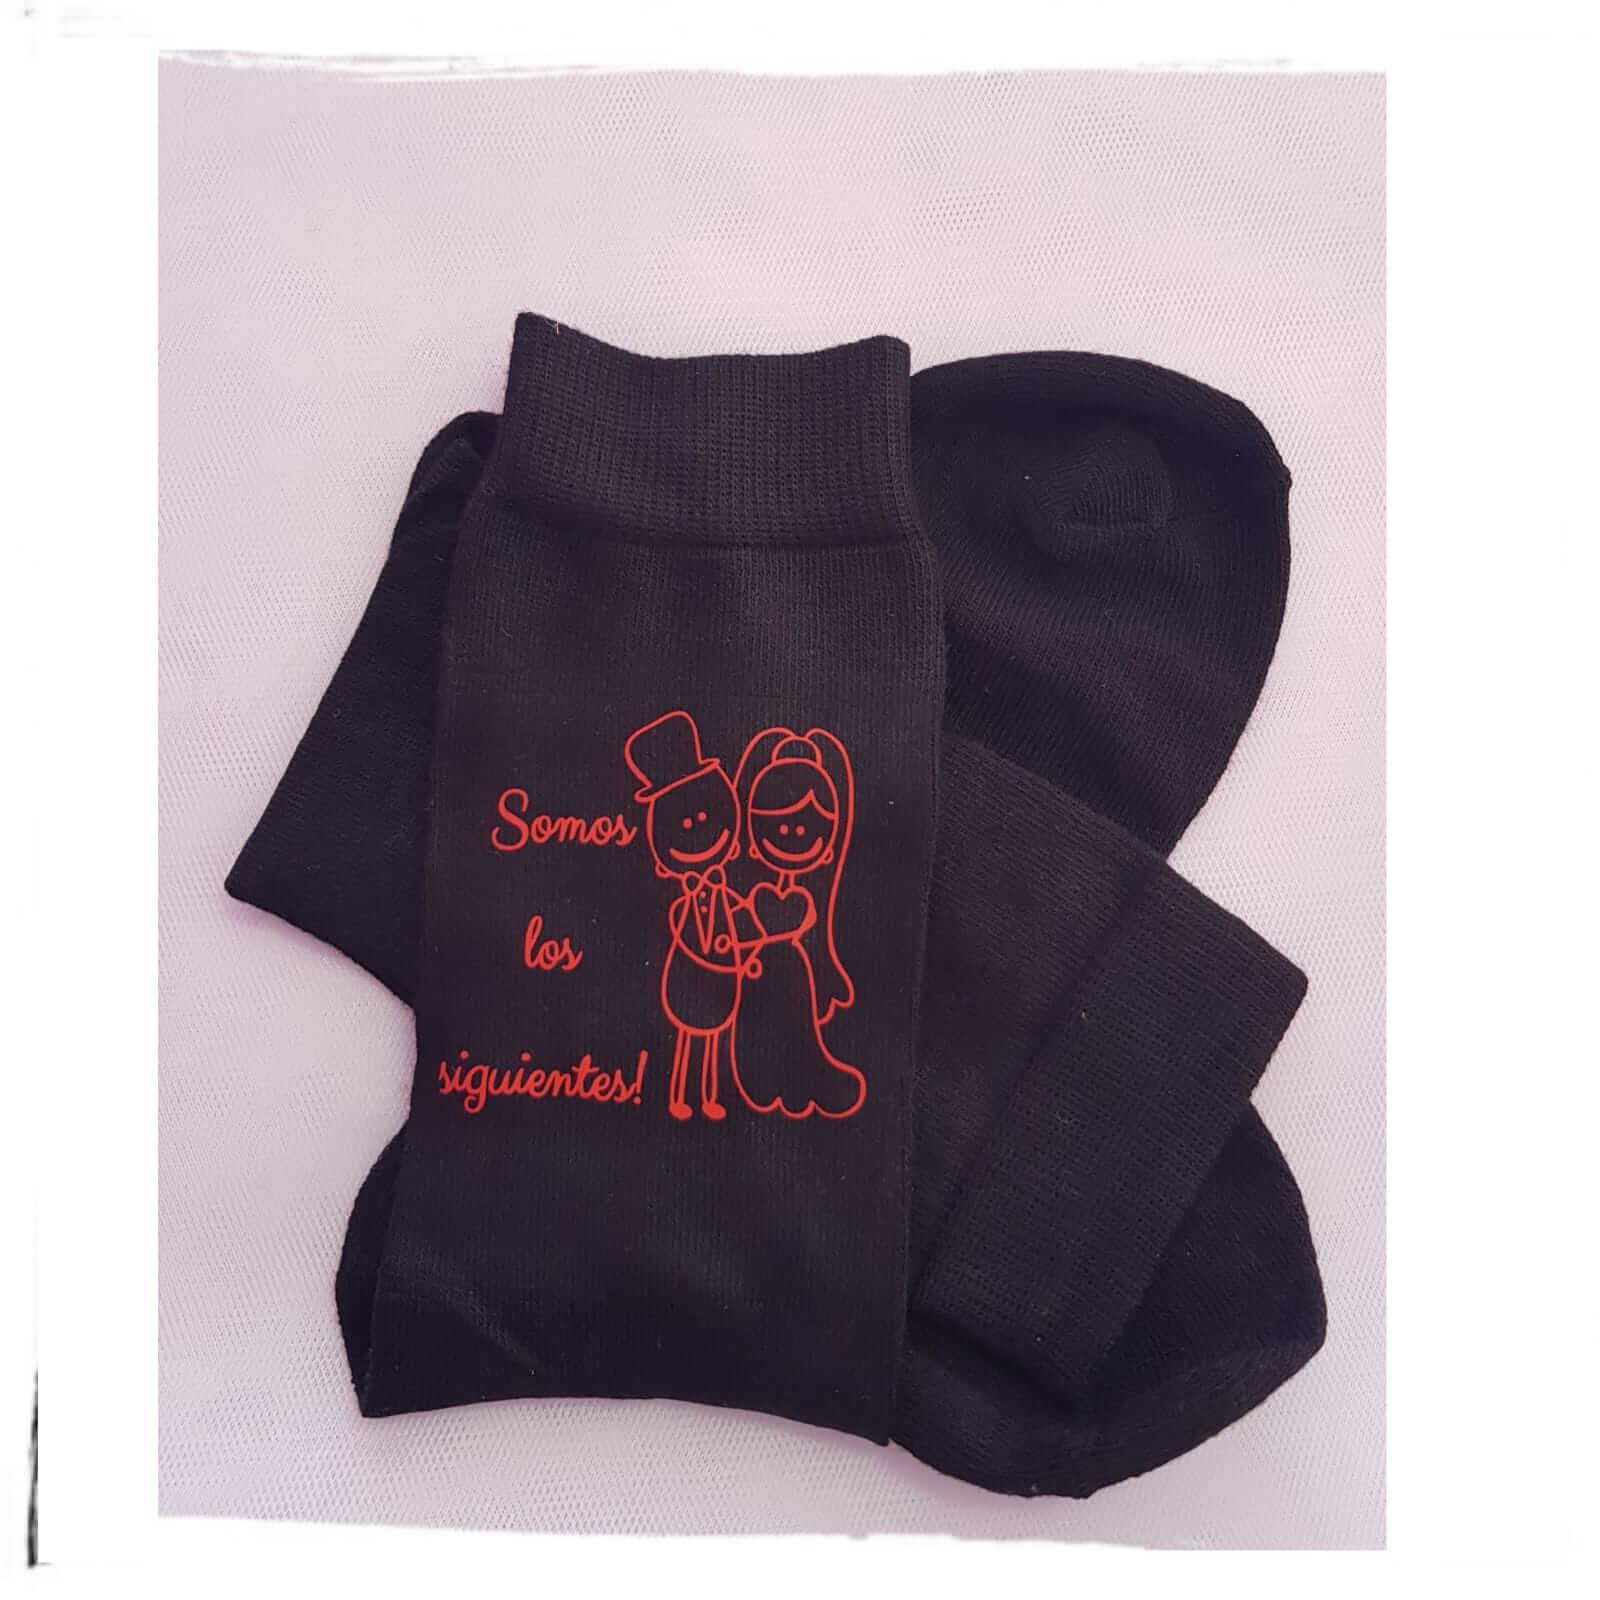 calcetines originales regalos personalizados porlanovia calcetines originales - WhatsApp Image 2019 01 13 at 19 - calcetines originales regalos personalizados porlanovia